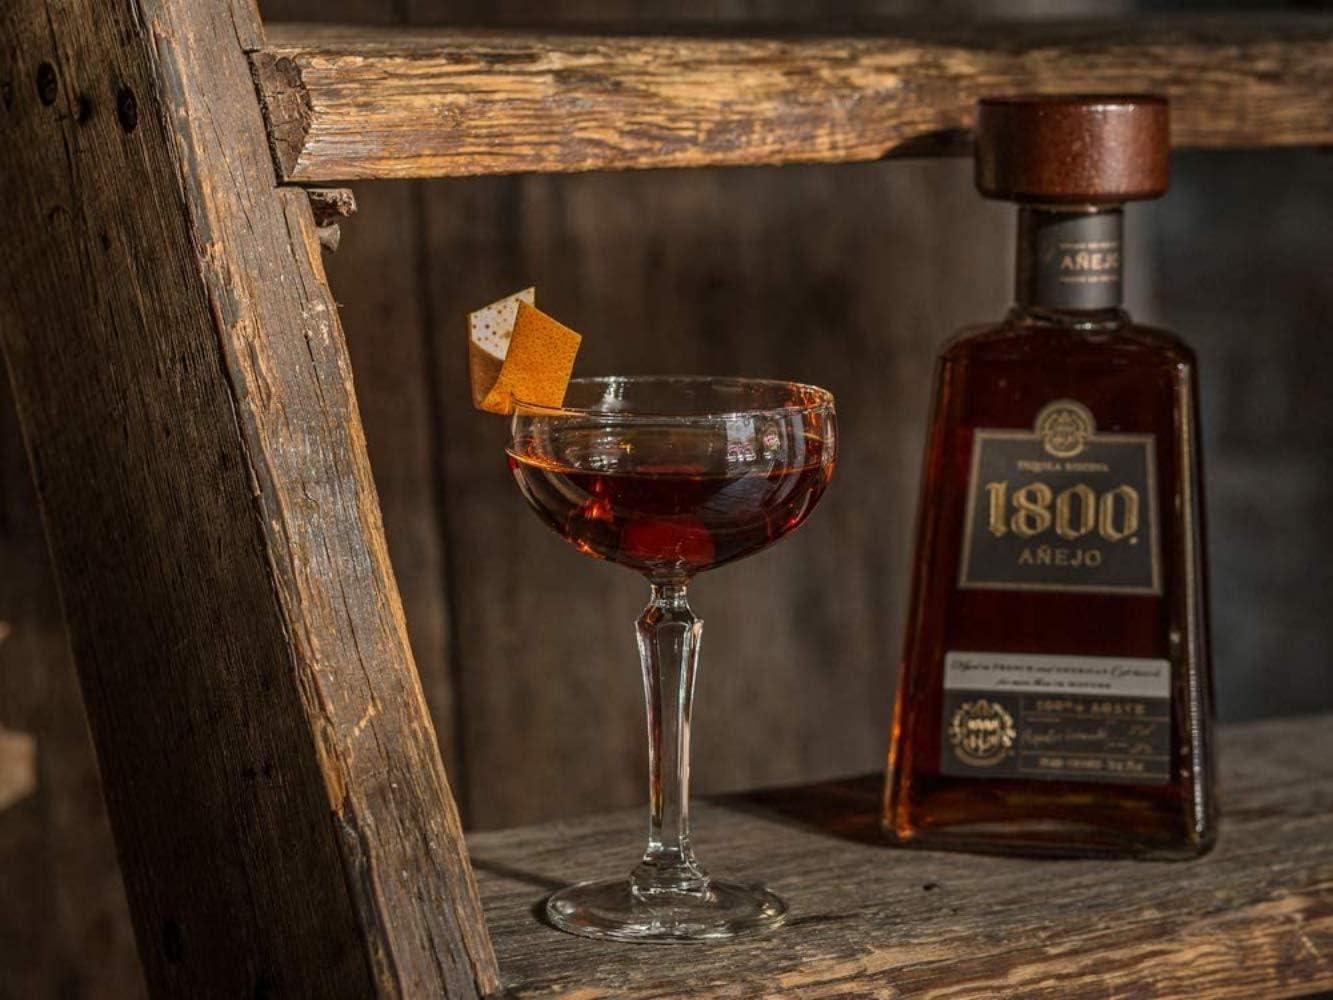 Tequila 1800 Añejo 700 ml